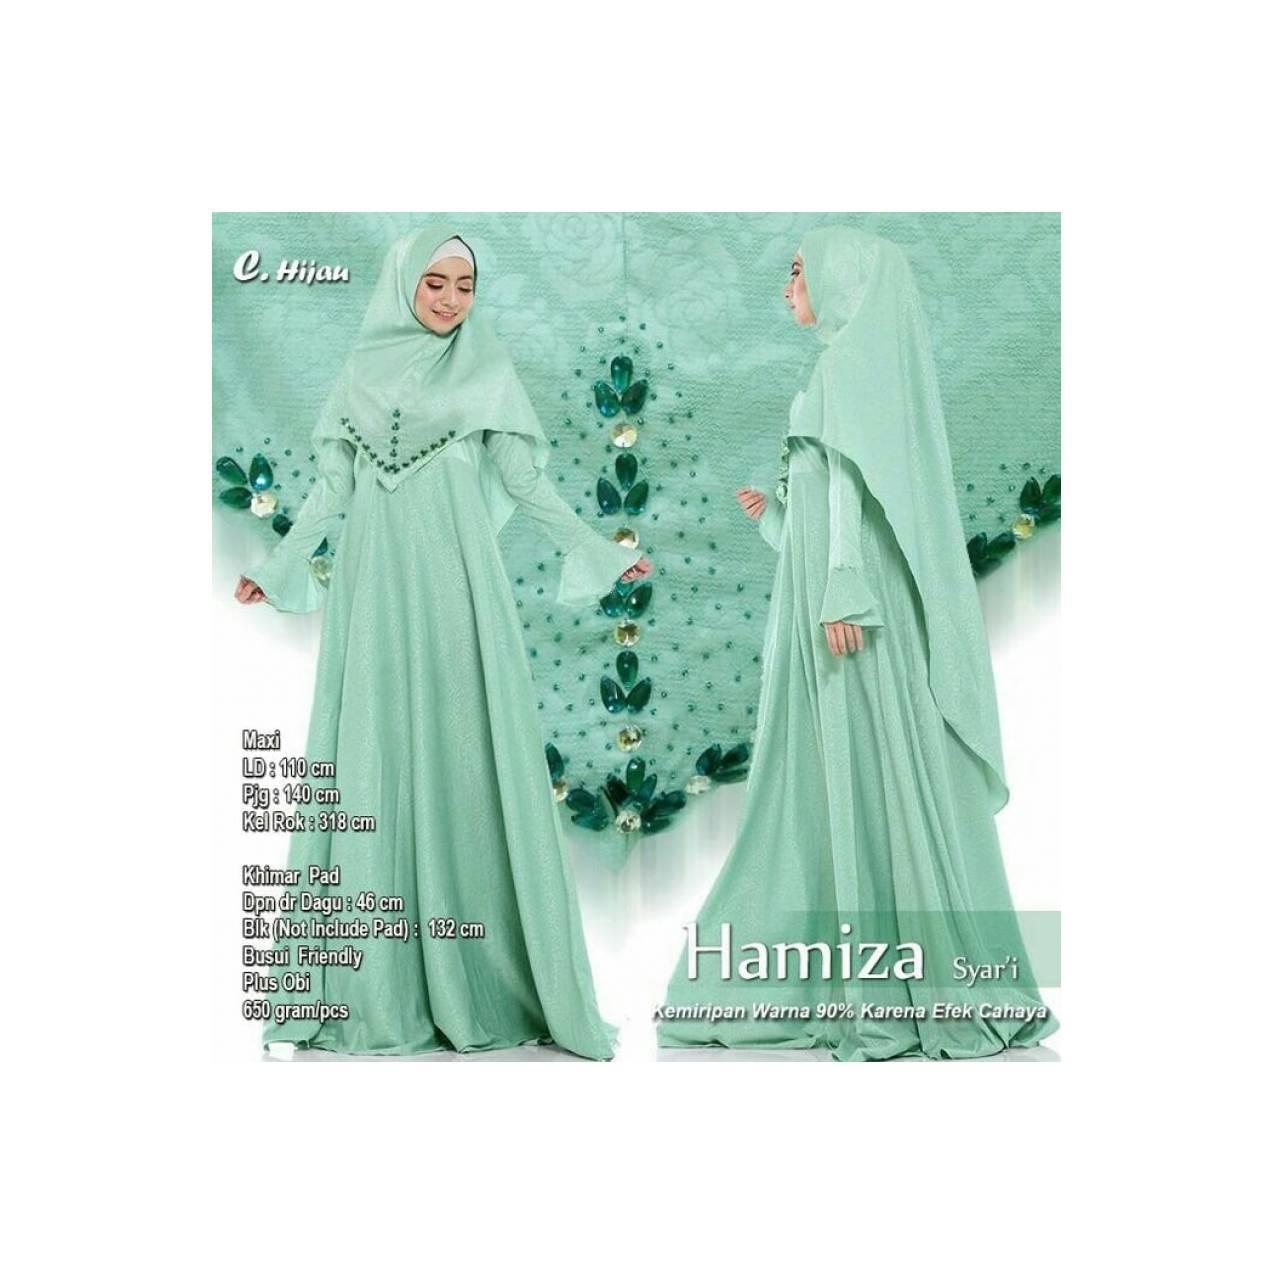 Baju Pengantin Muslimah 118667 HAMIZA SYARI HIJAU